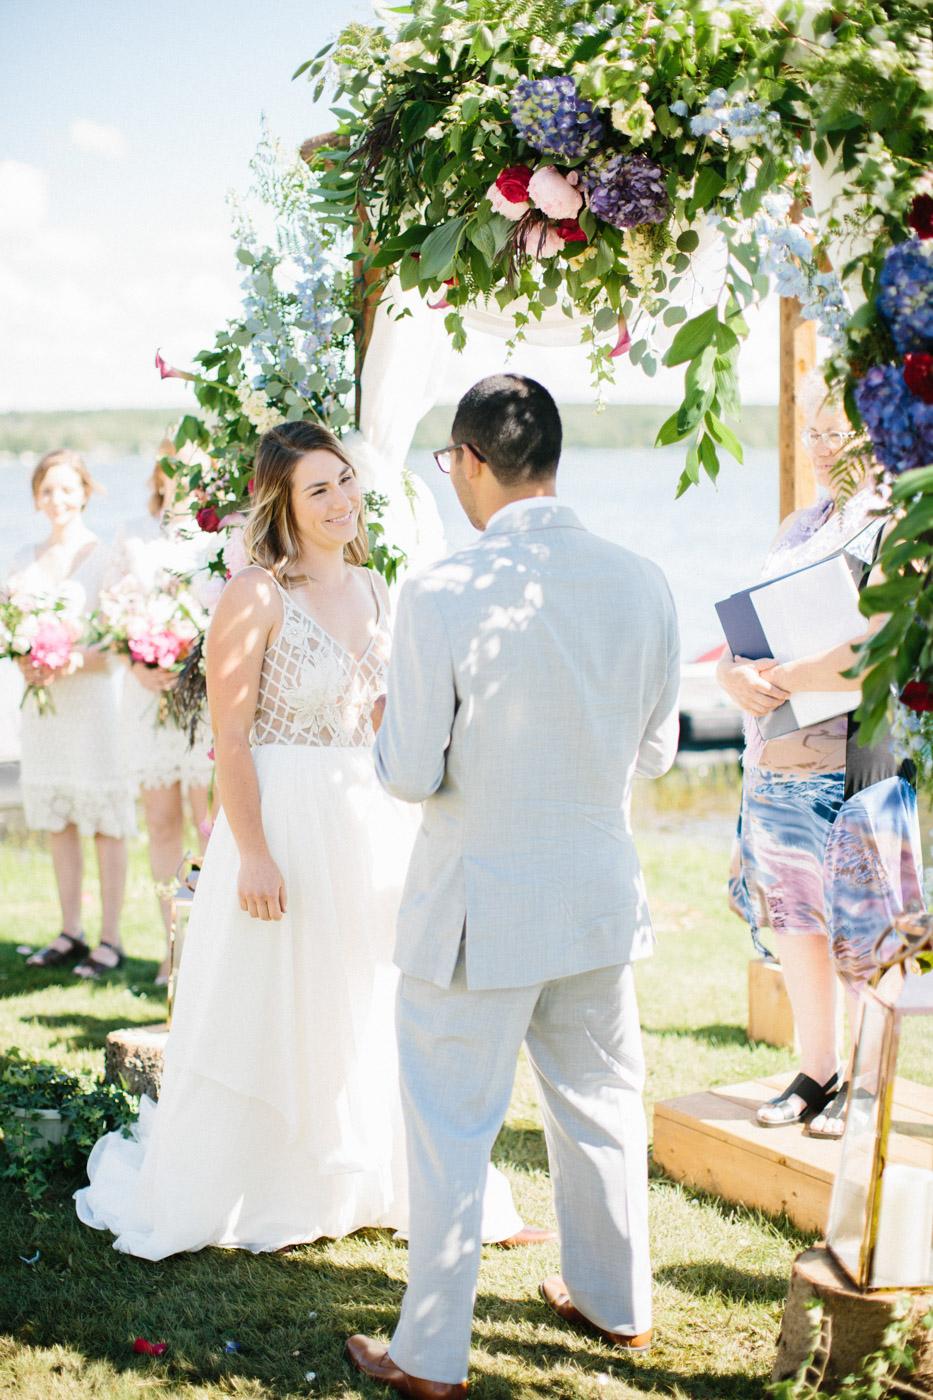 toronto_wedding_photographer_backyard_wedding-16.jpg